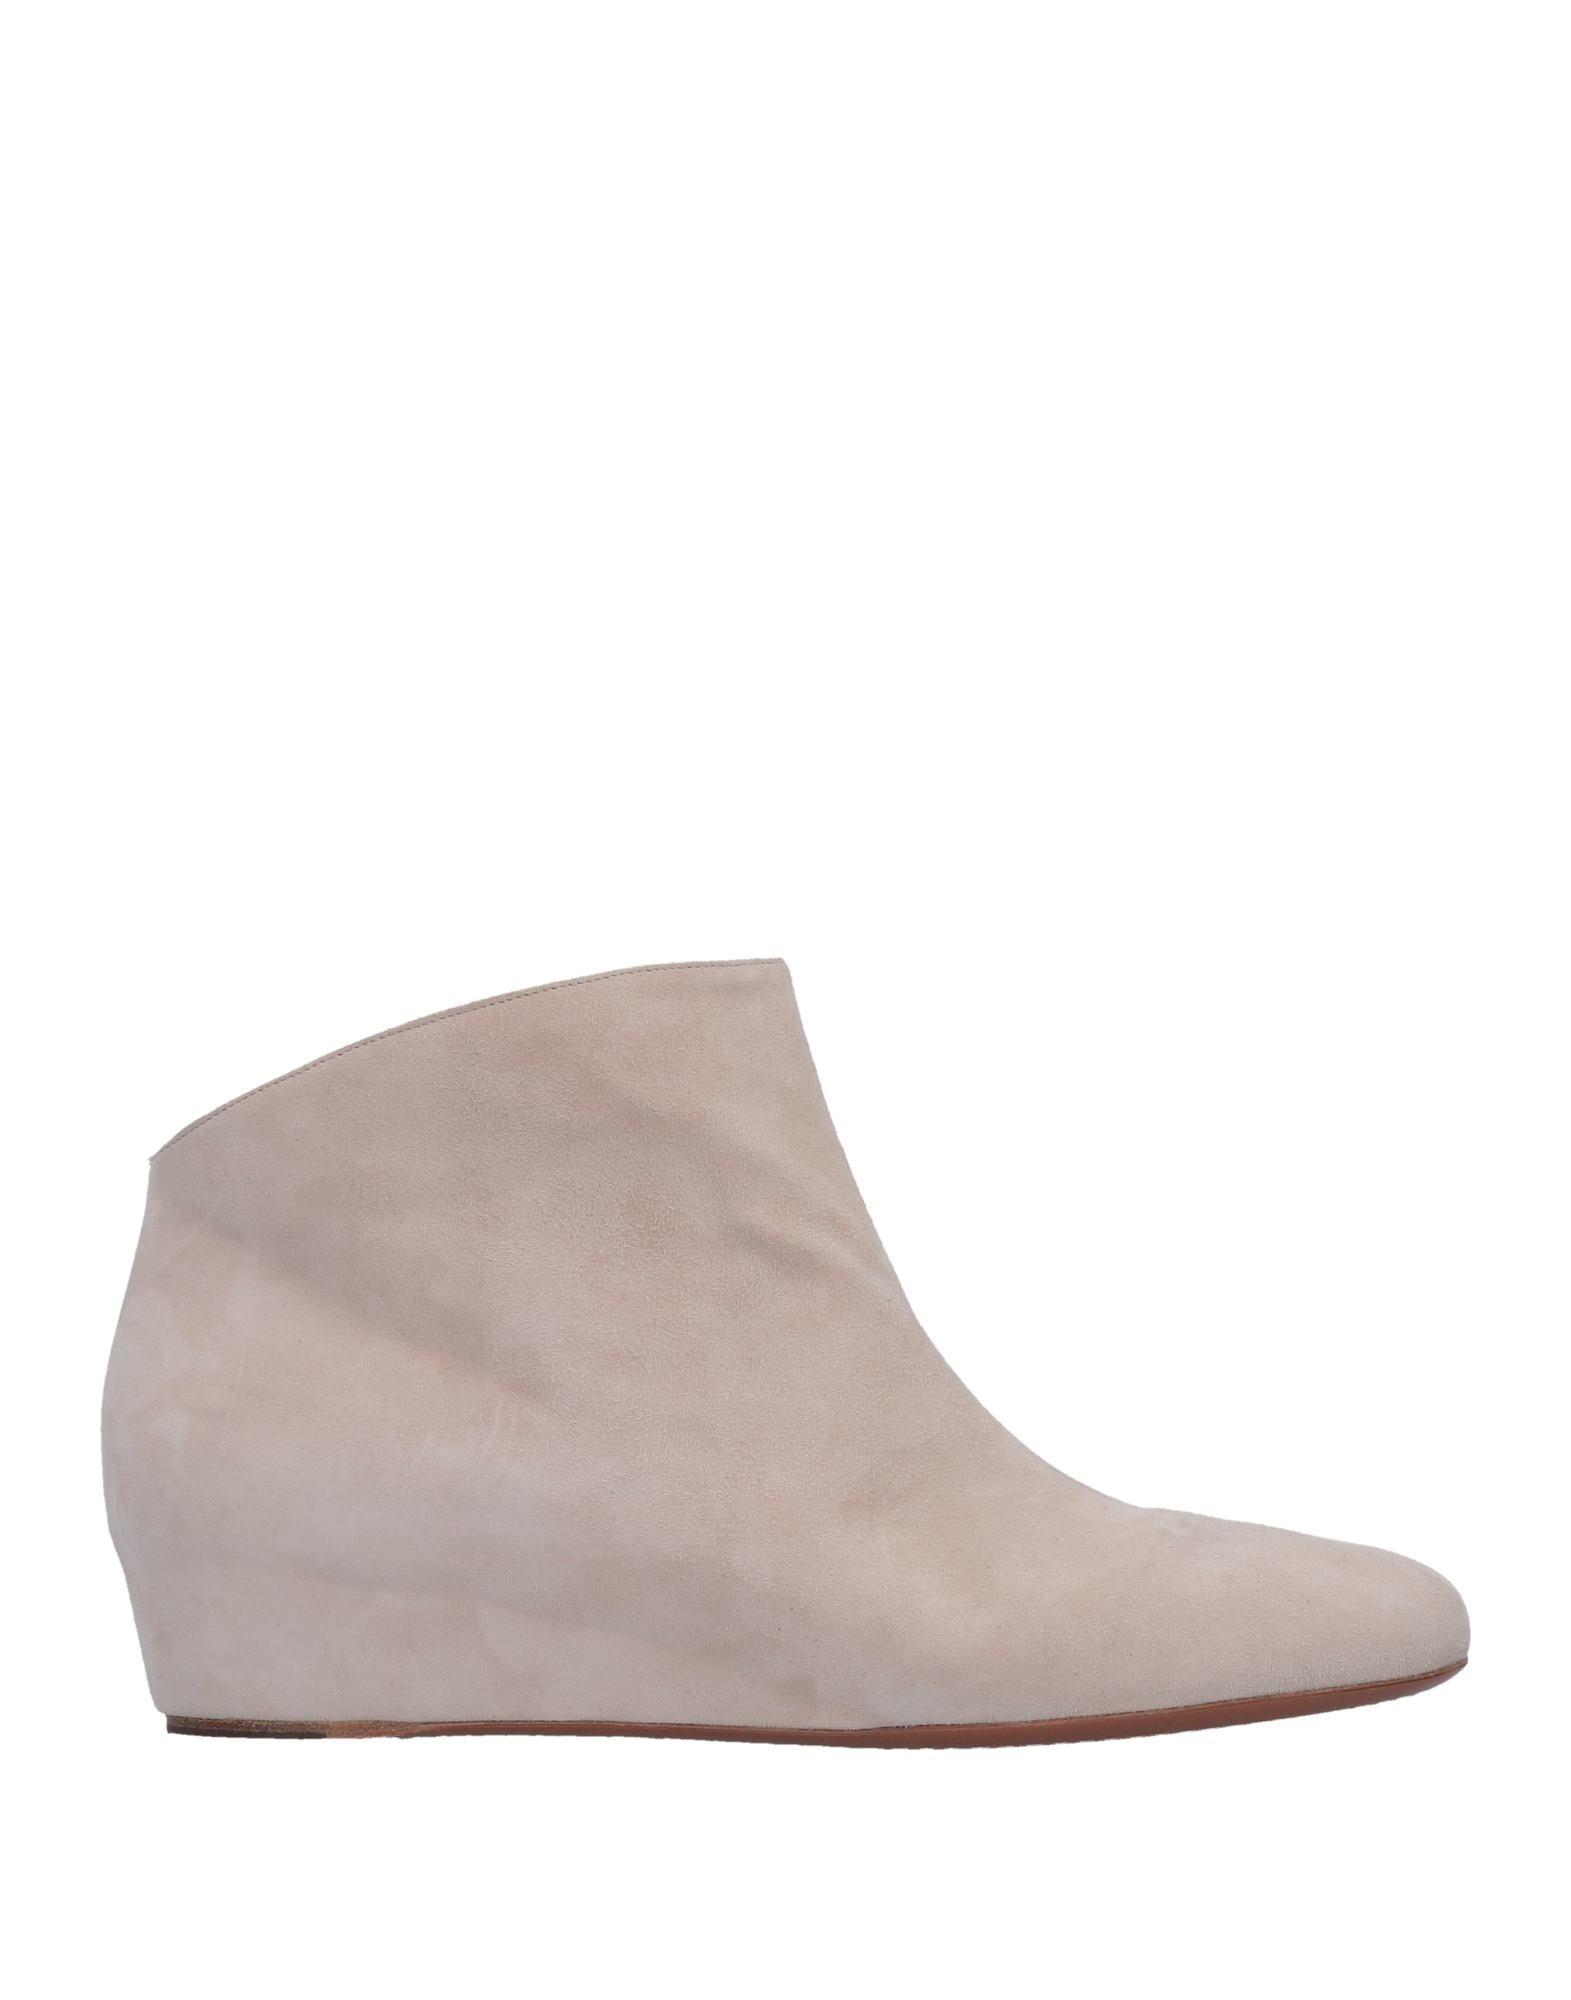 Alaïa Ankle Boot - Women Alaïa Ankle Boots - online on  Canada - Boots 11508828CS 2c562e